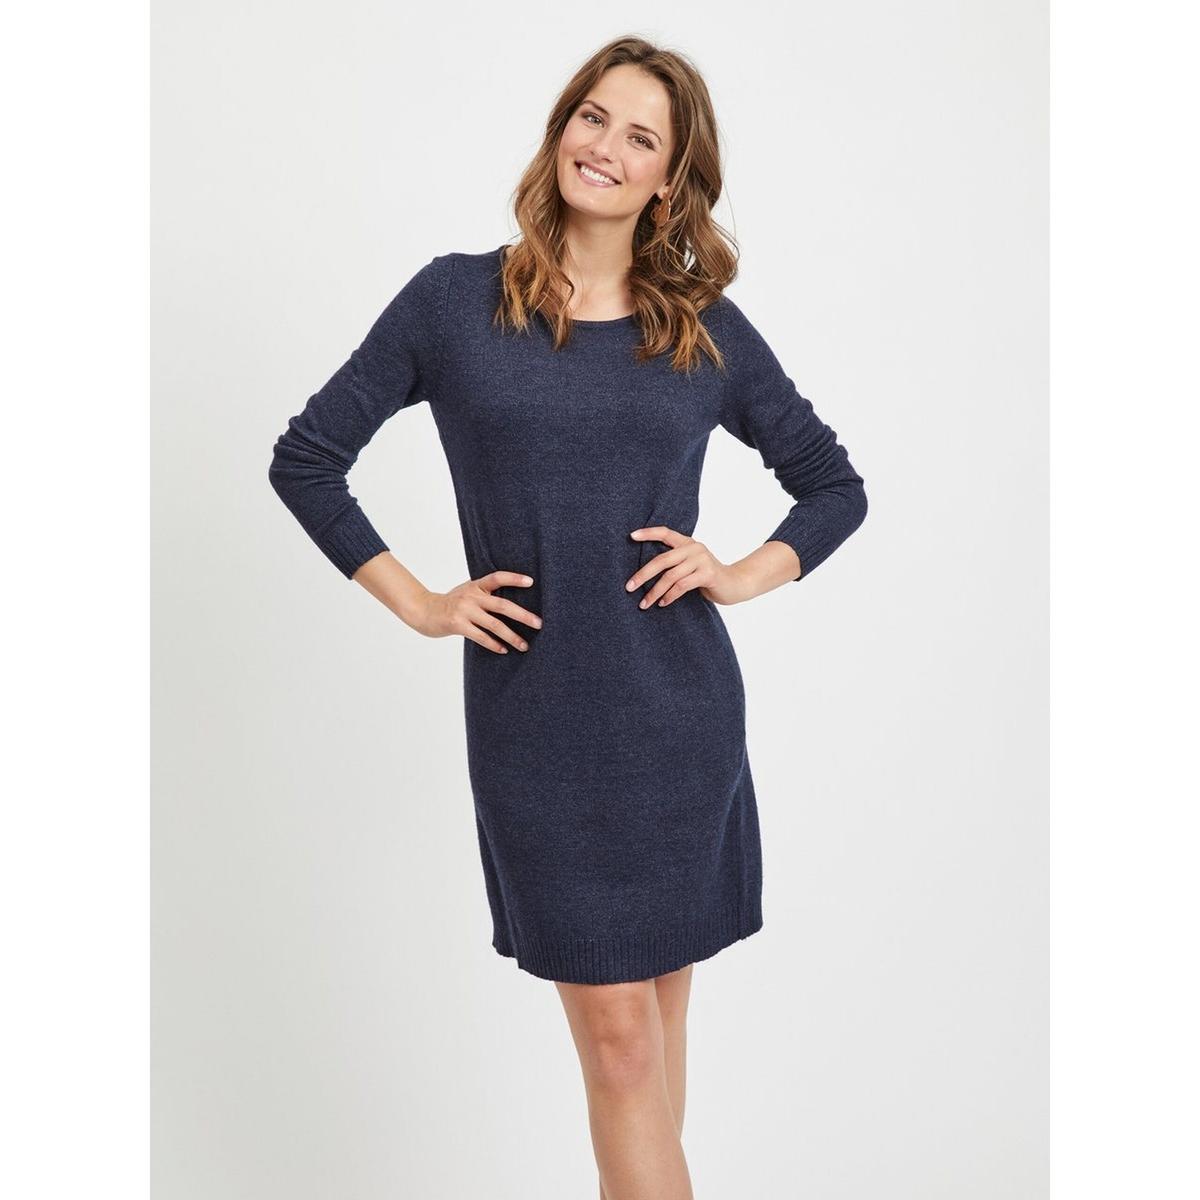 Платье-пуловер La Redoute С круглым вырезом и длинными рукавами M синий пуловер la redoute с круглым вырезом и длинными рукавами m каштановый